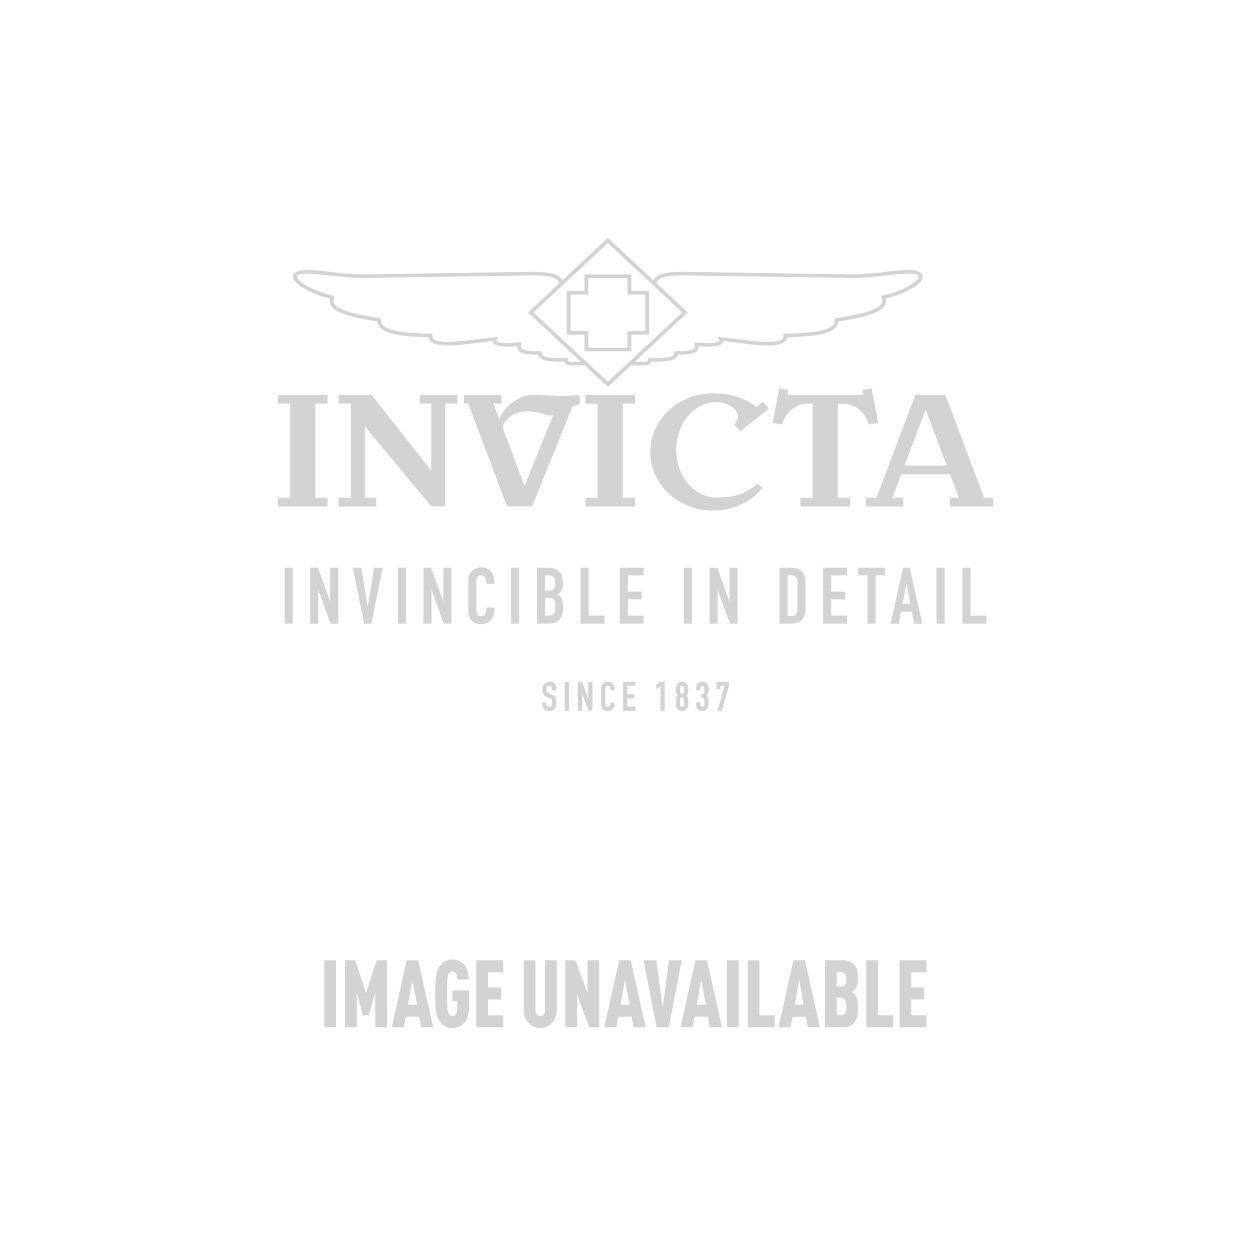 Invicta Model 24382